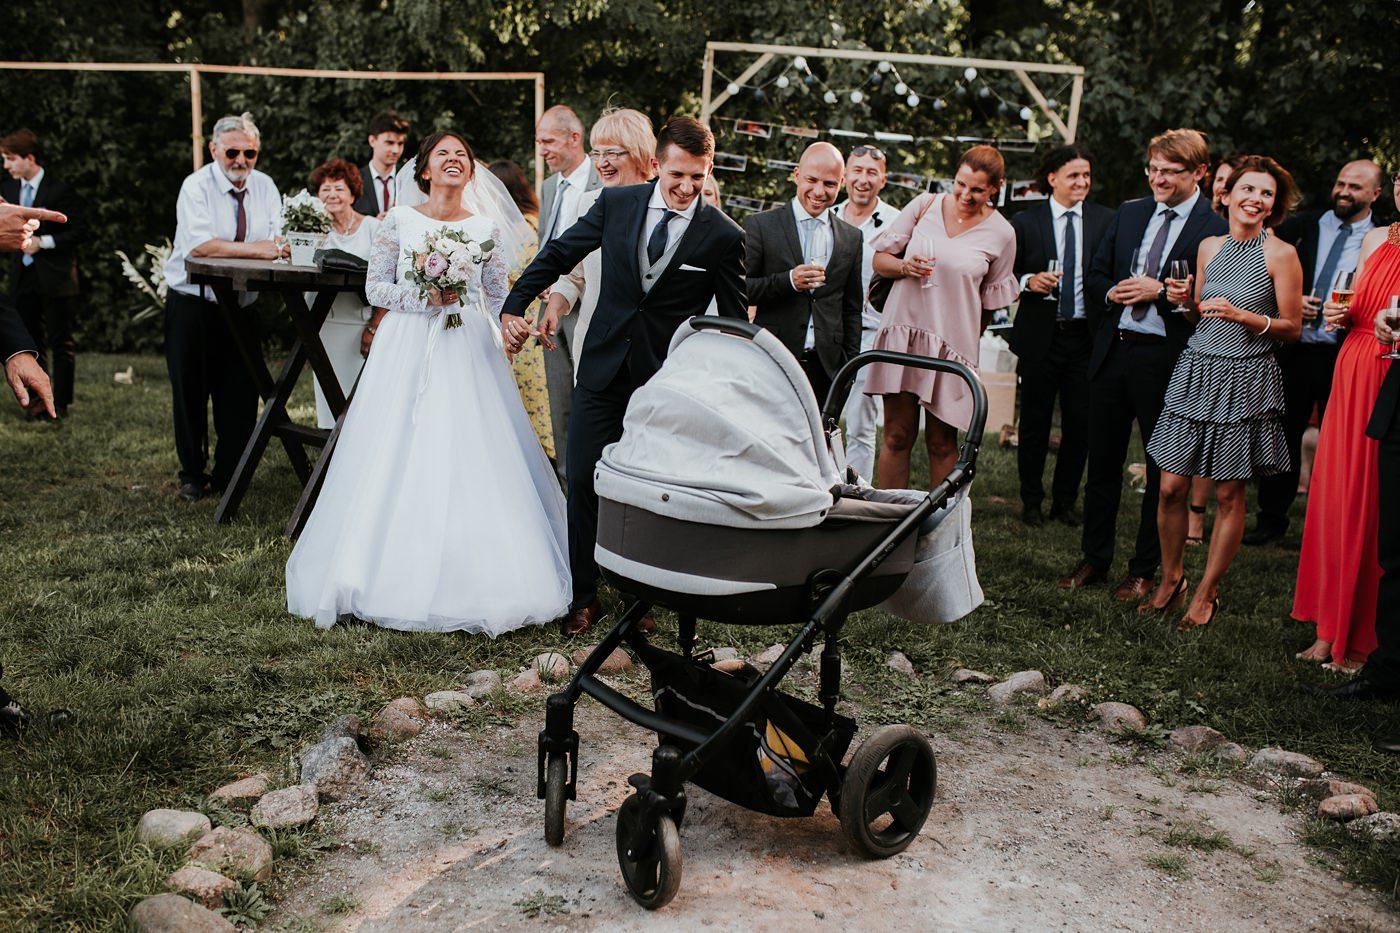 Dominika & Aleksander - Rustykalne wesele w stodole - Baborówko 93